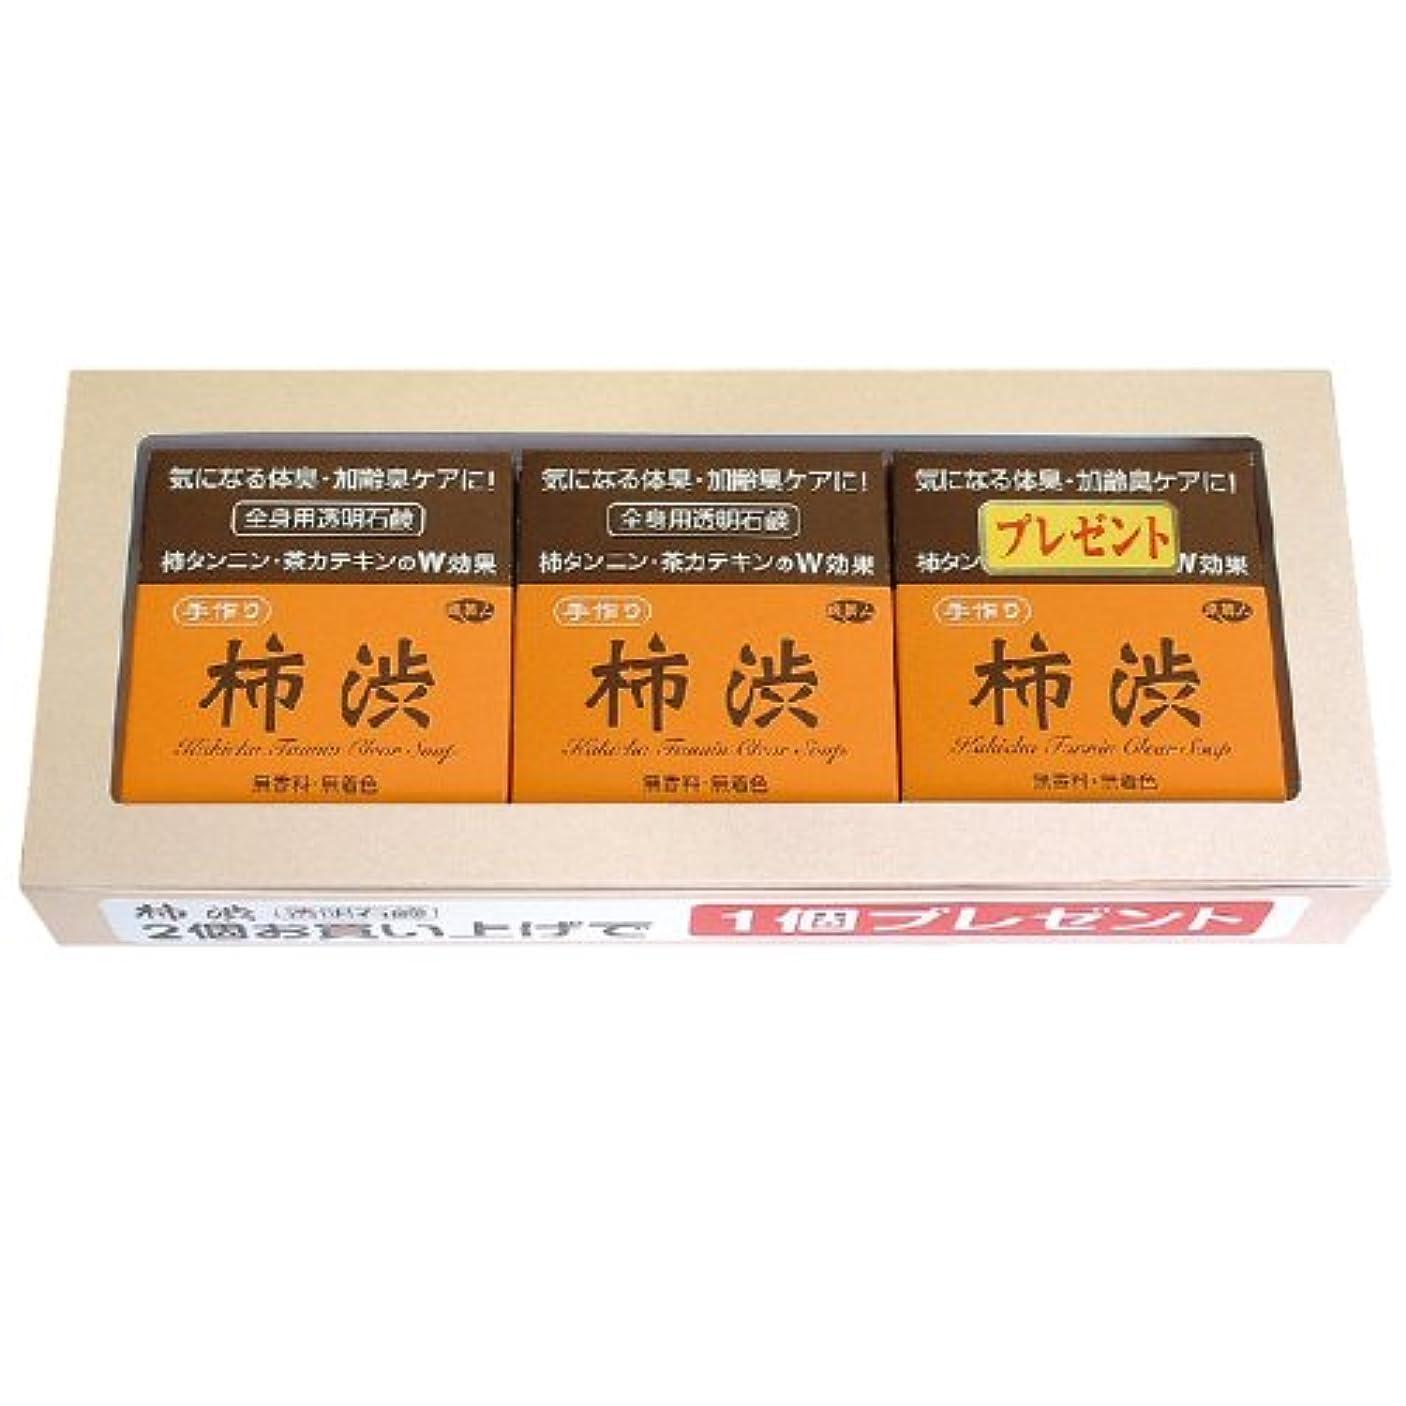 したいジャーナリスト日光アズマ商事の 柿渋透明石鹸 2個の値段で3個入りセット